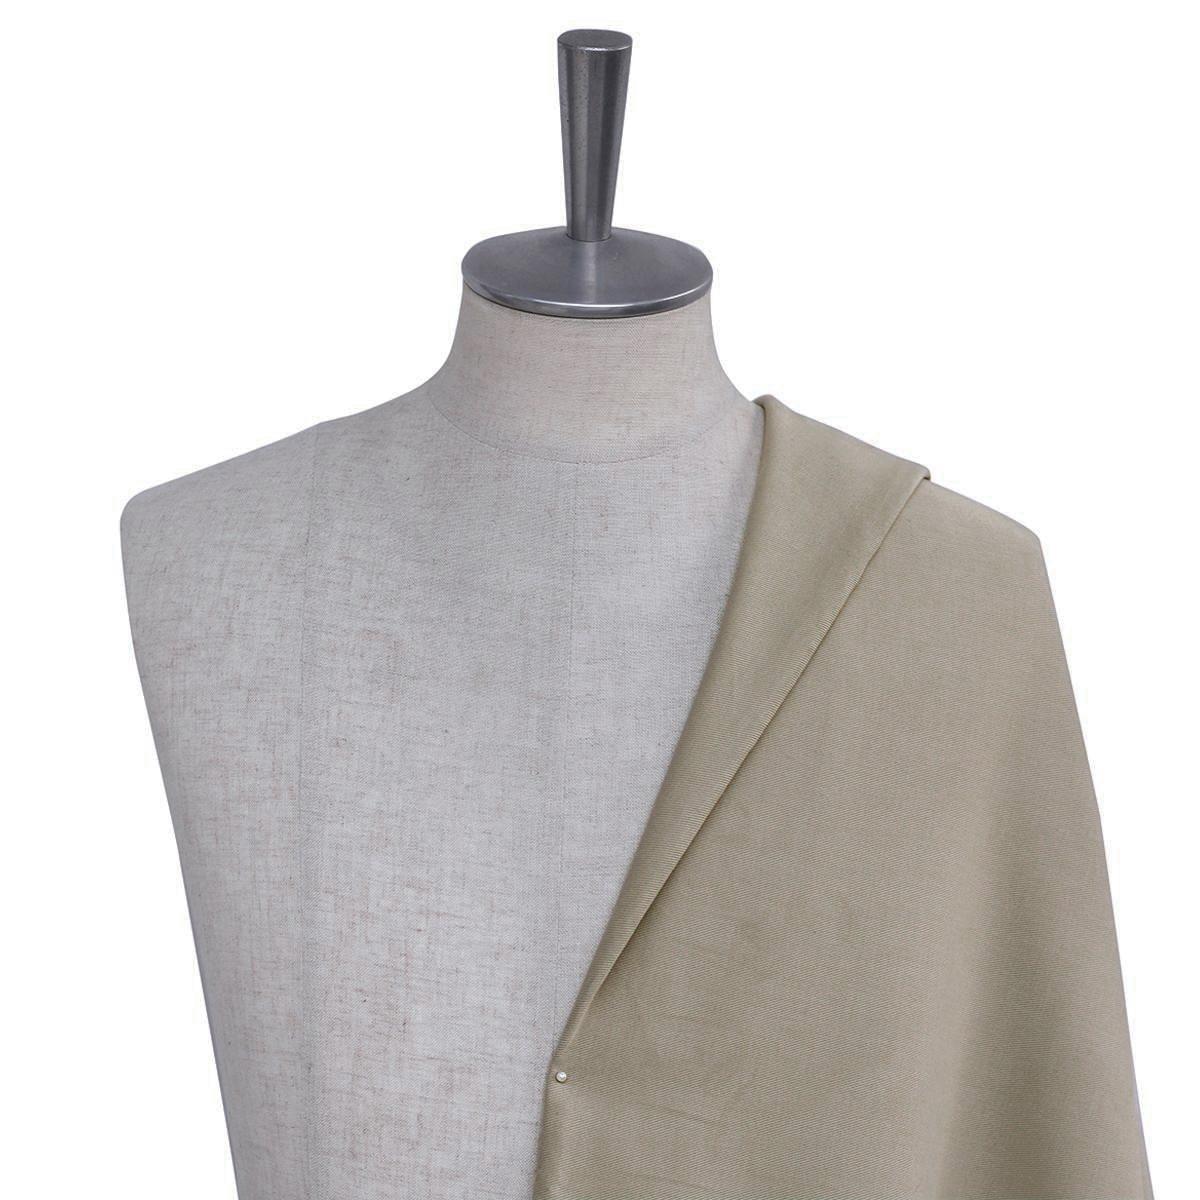 [オーダージャケット]【CORNELIANI】十人十色な着こなしができる生地